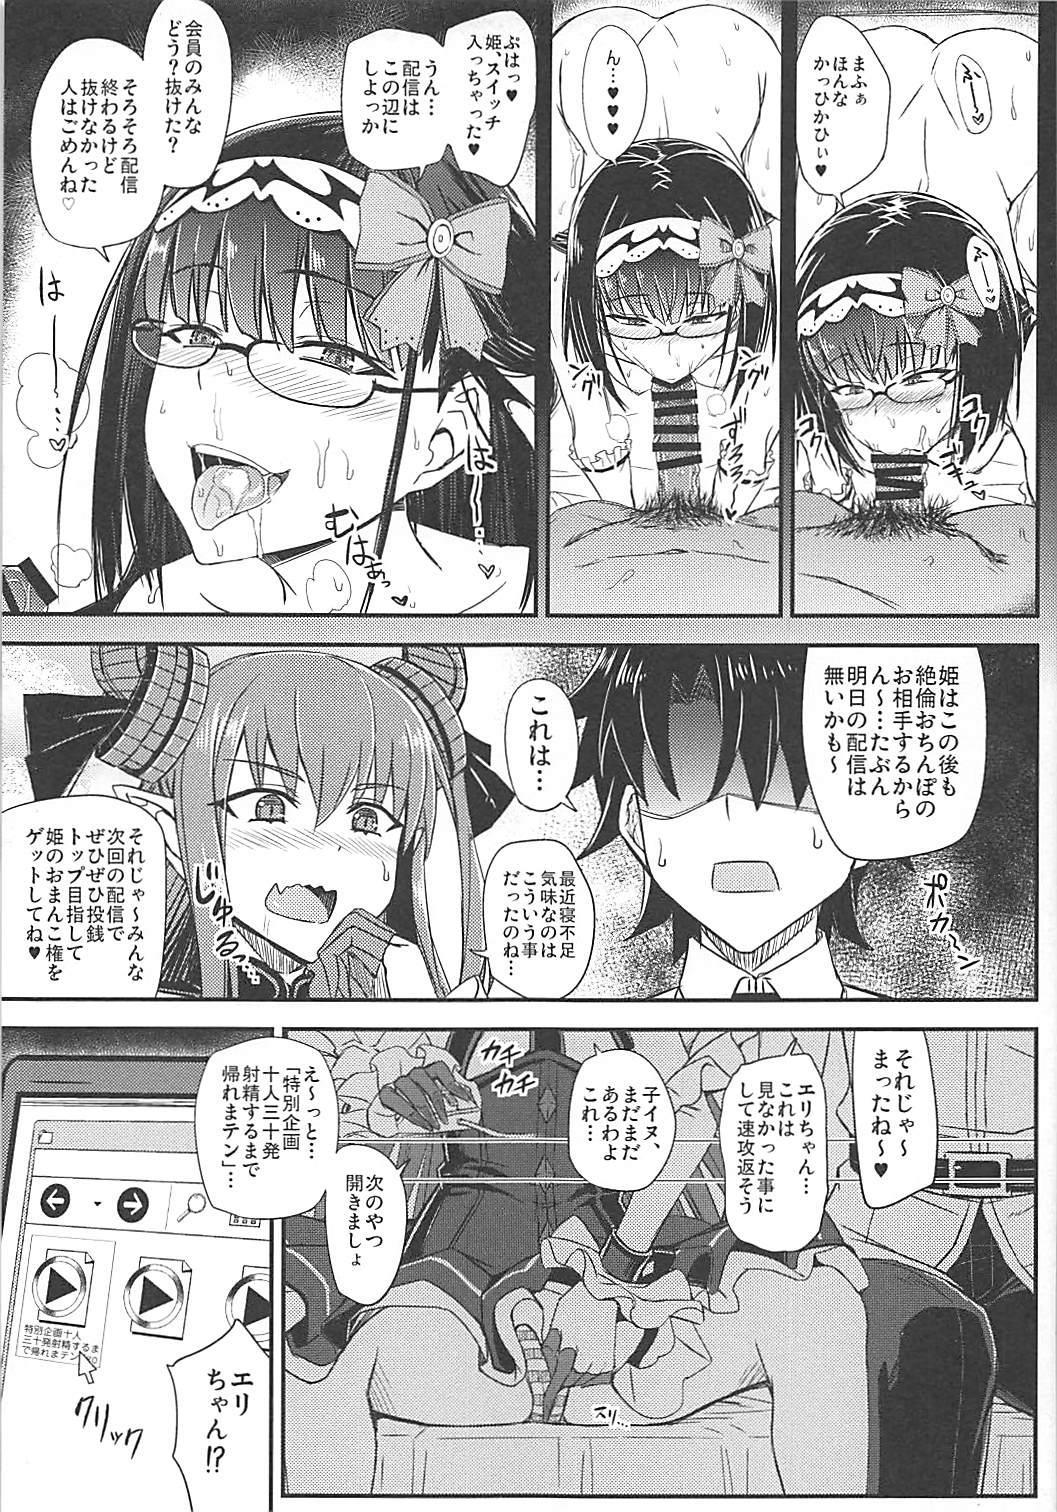 Gacha Hime-sama no Muri no Nai Kakin no Hiketsu 9